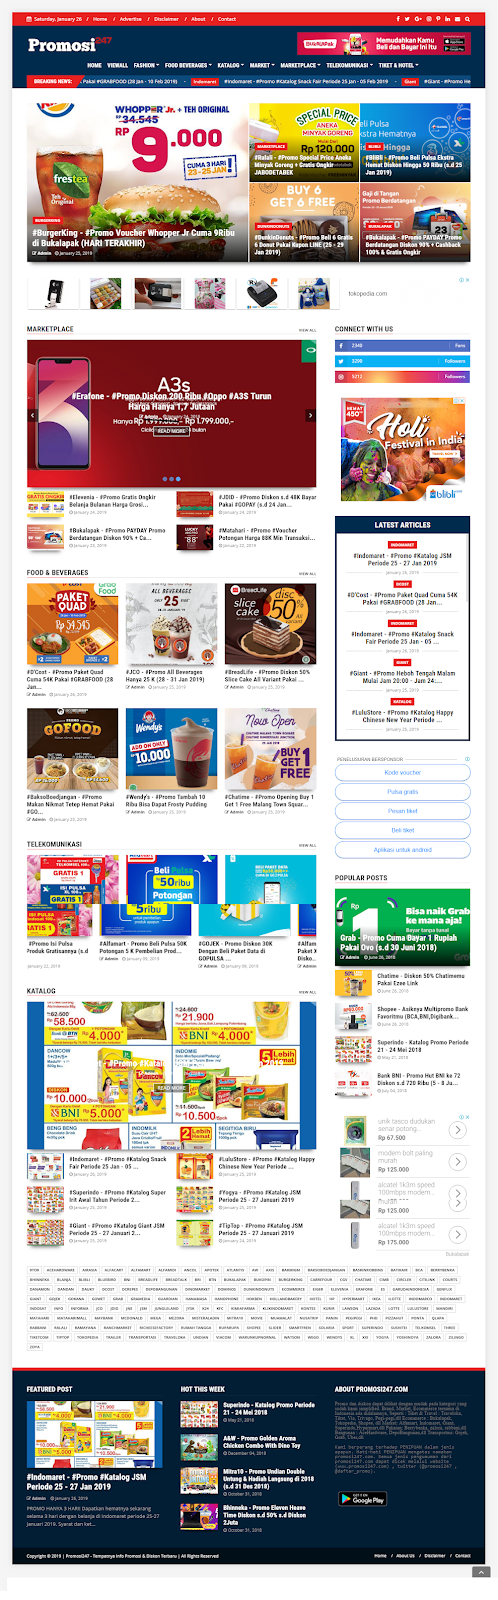 News - WOW Tampilan Baru Website Promosi247.com Jadi Lebih KECE!!